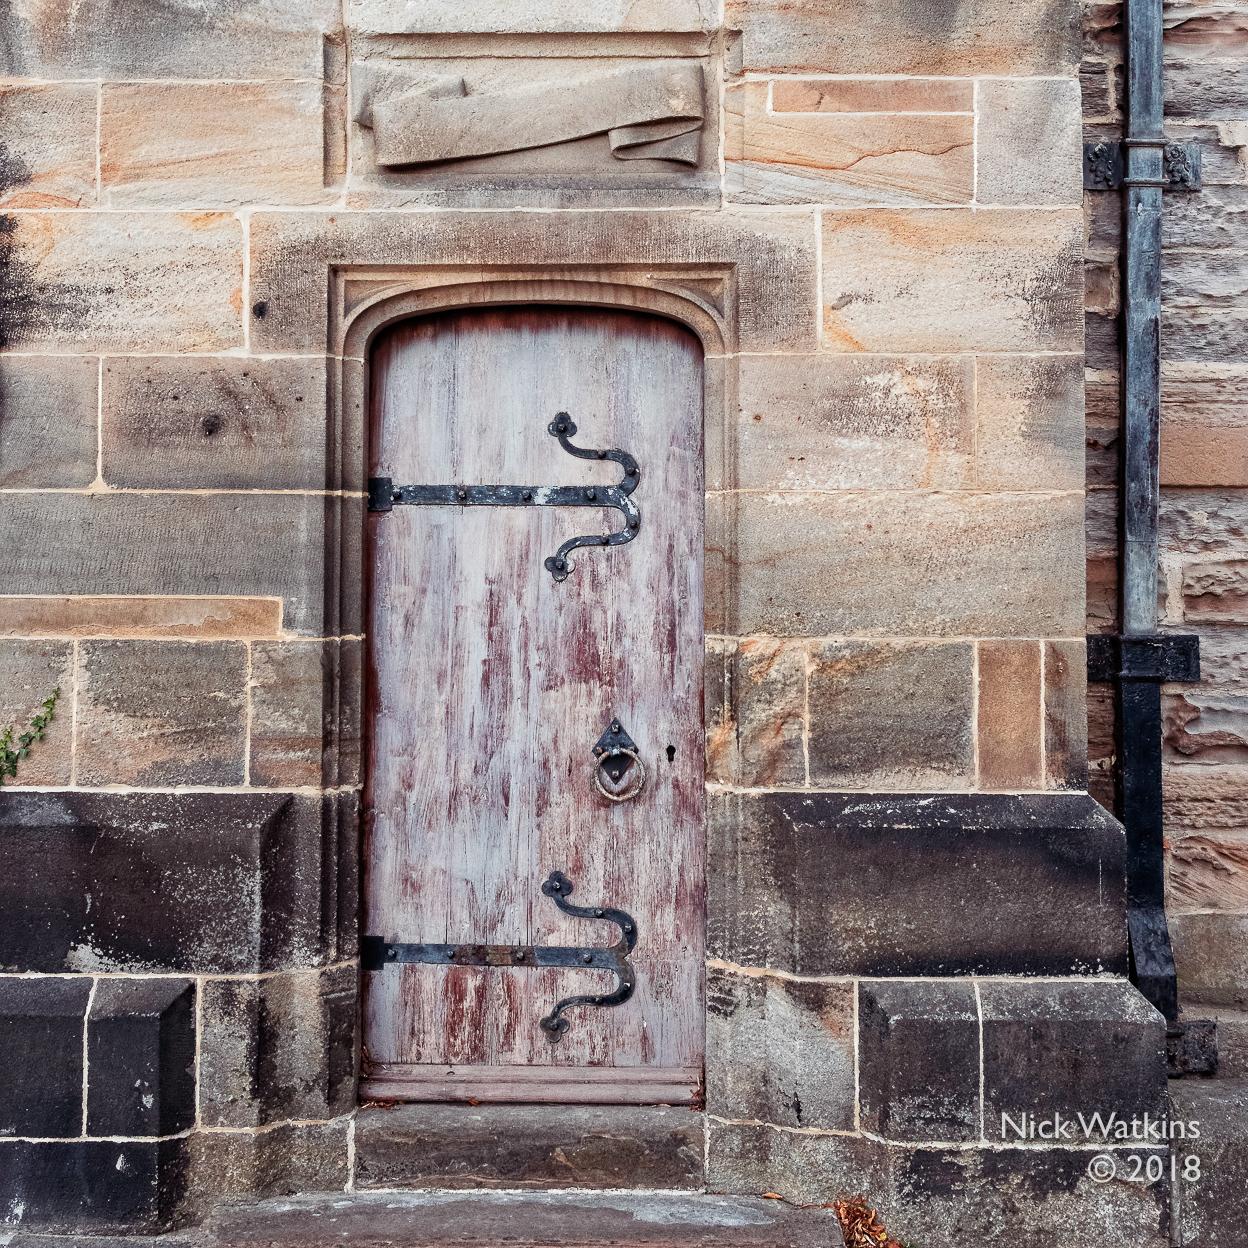 d32-mystery door cw